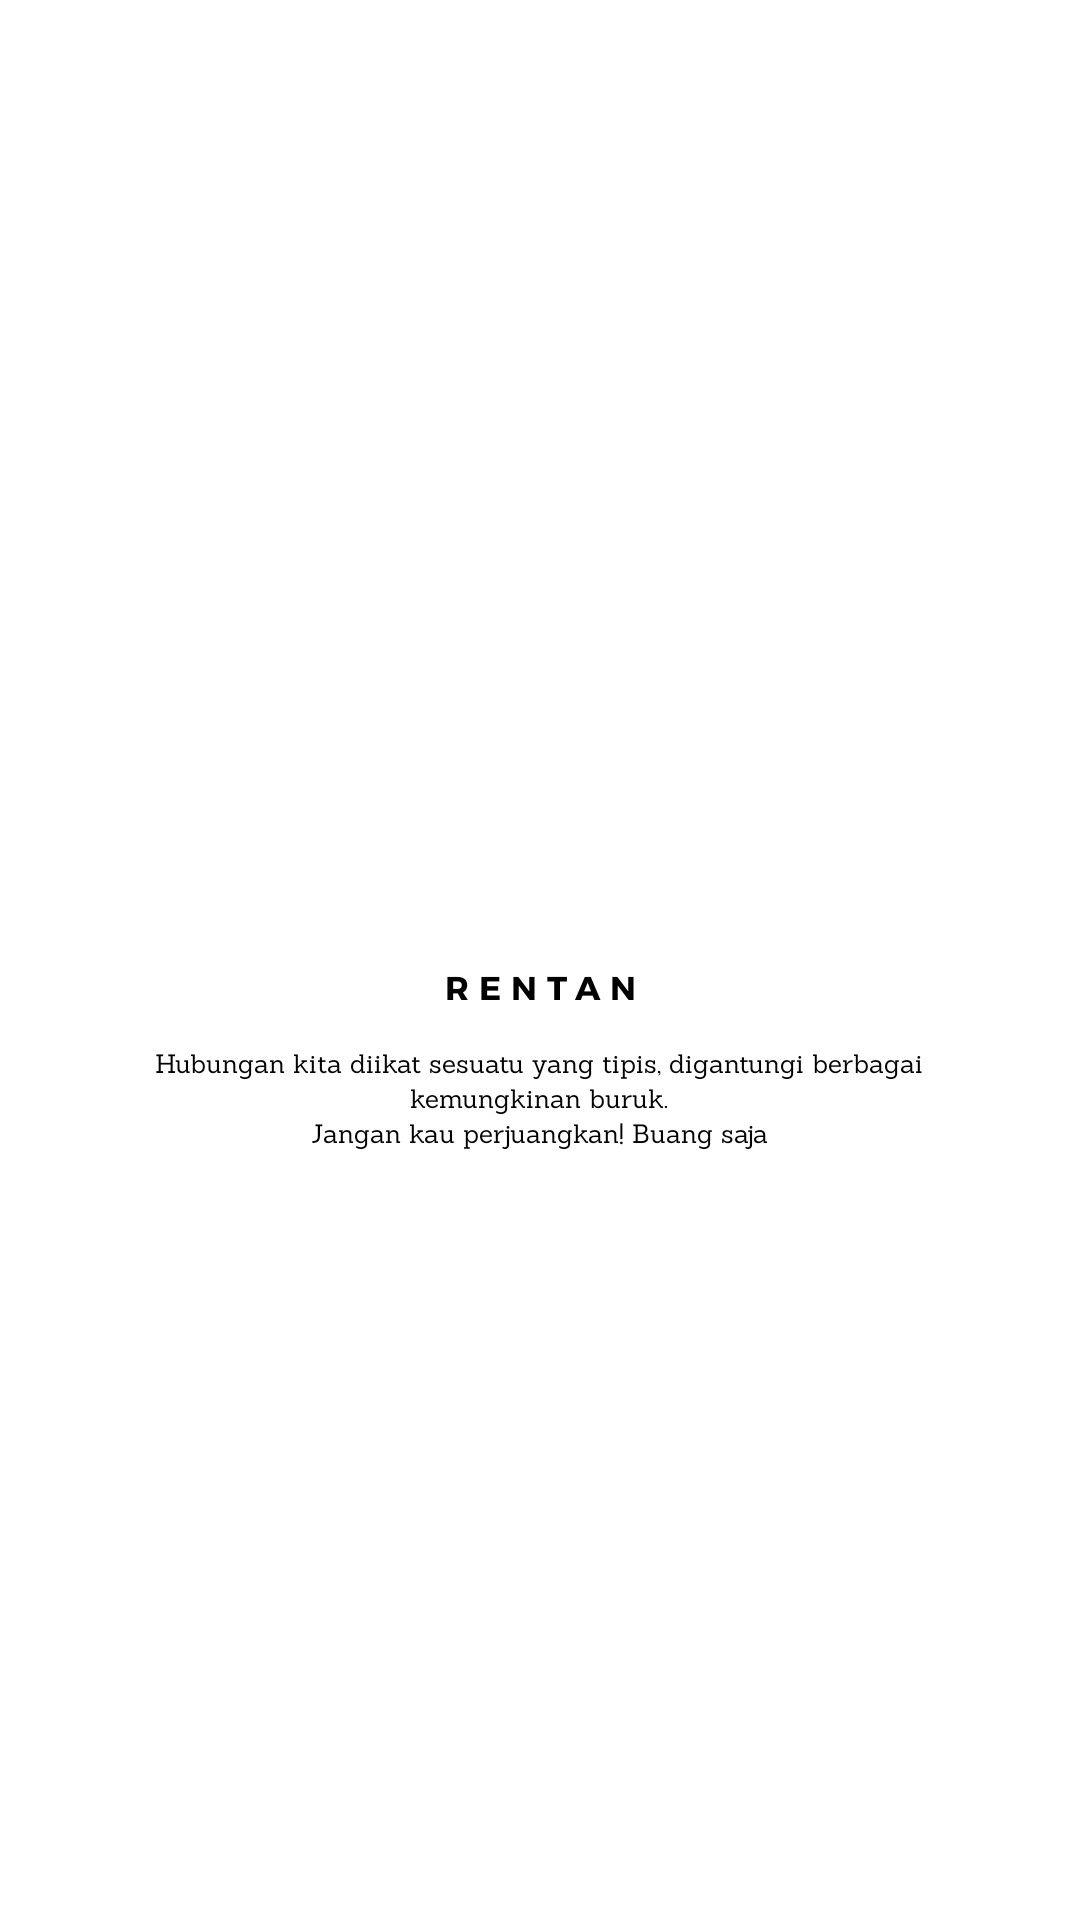 Rentan